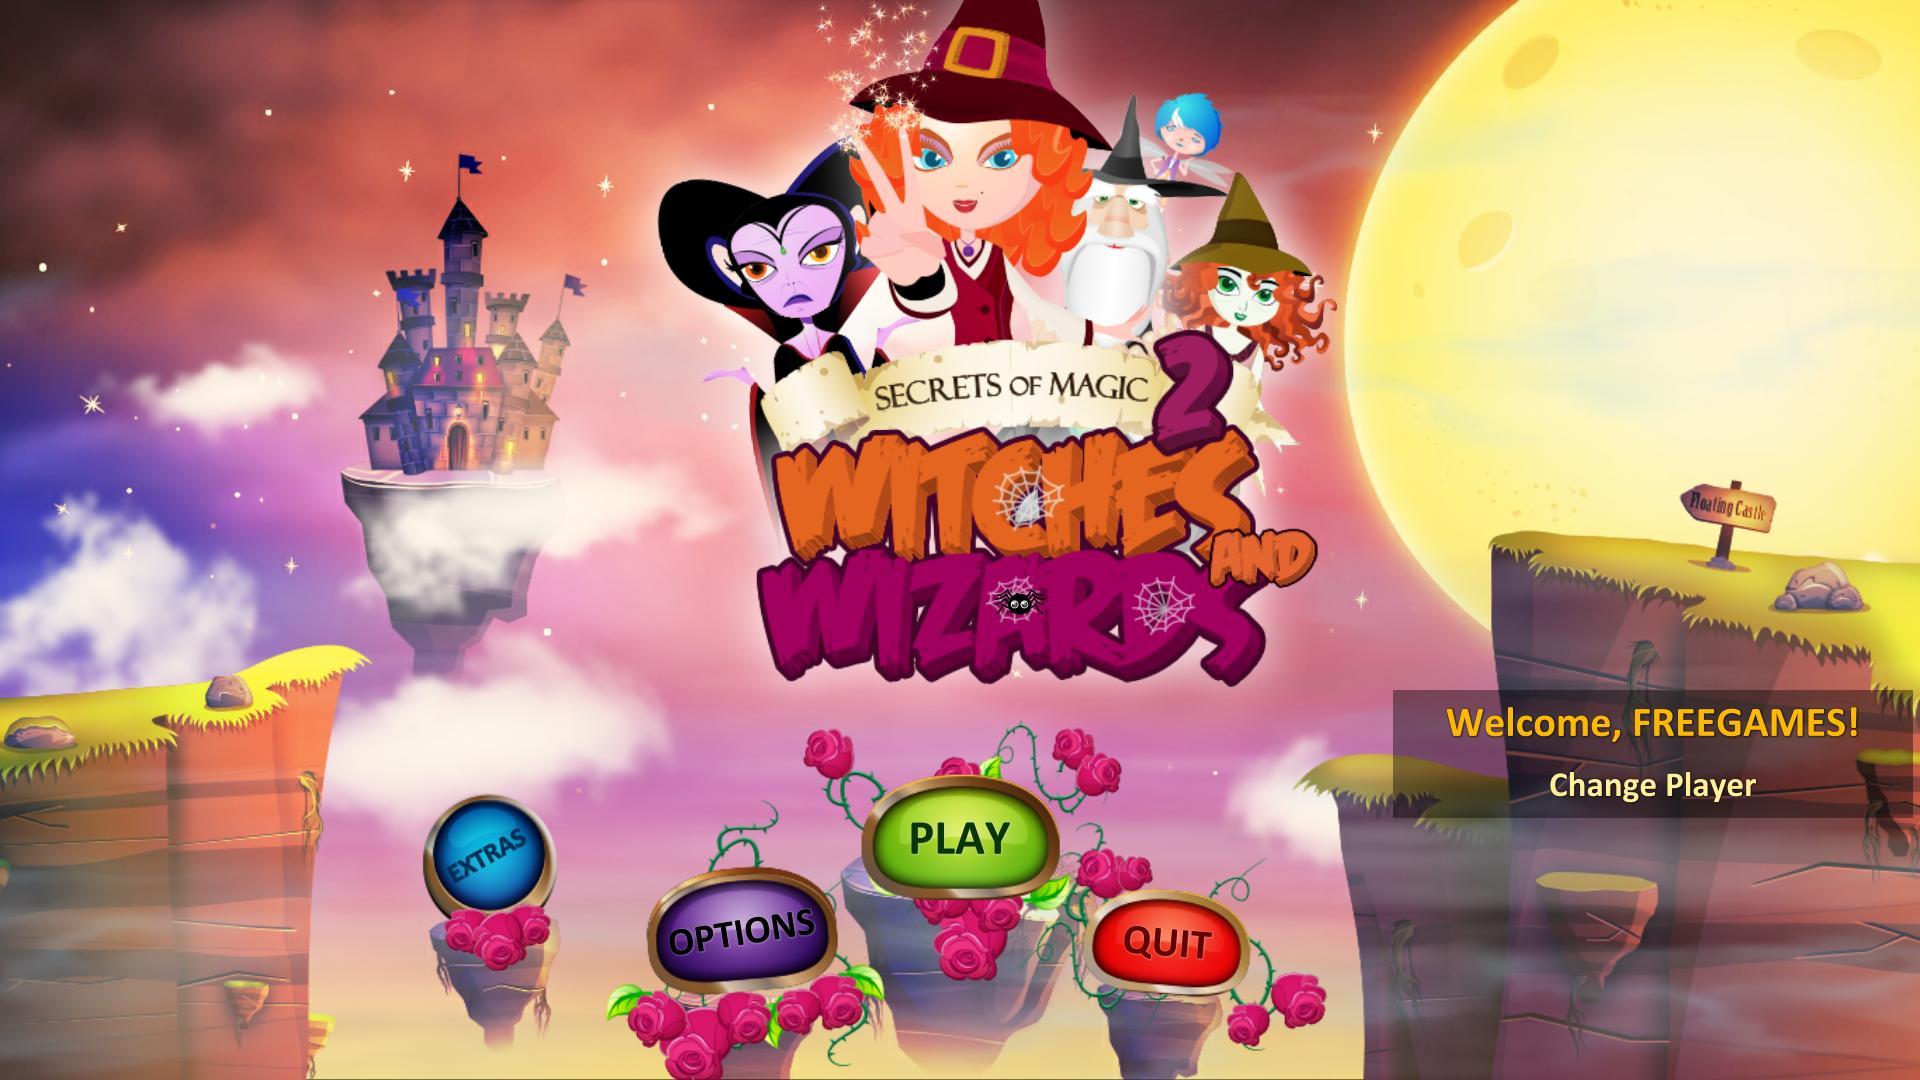 Секреты магии 2. Ведьмы и волшебники | Secrets of Magic 2: Witches and Wizards (En)